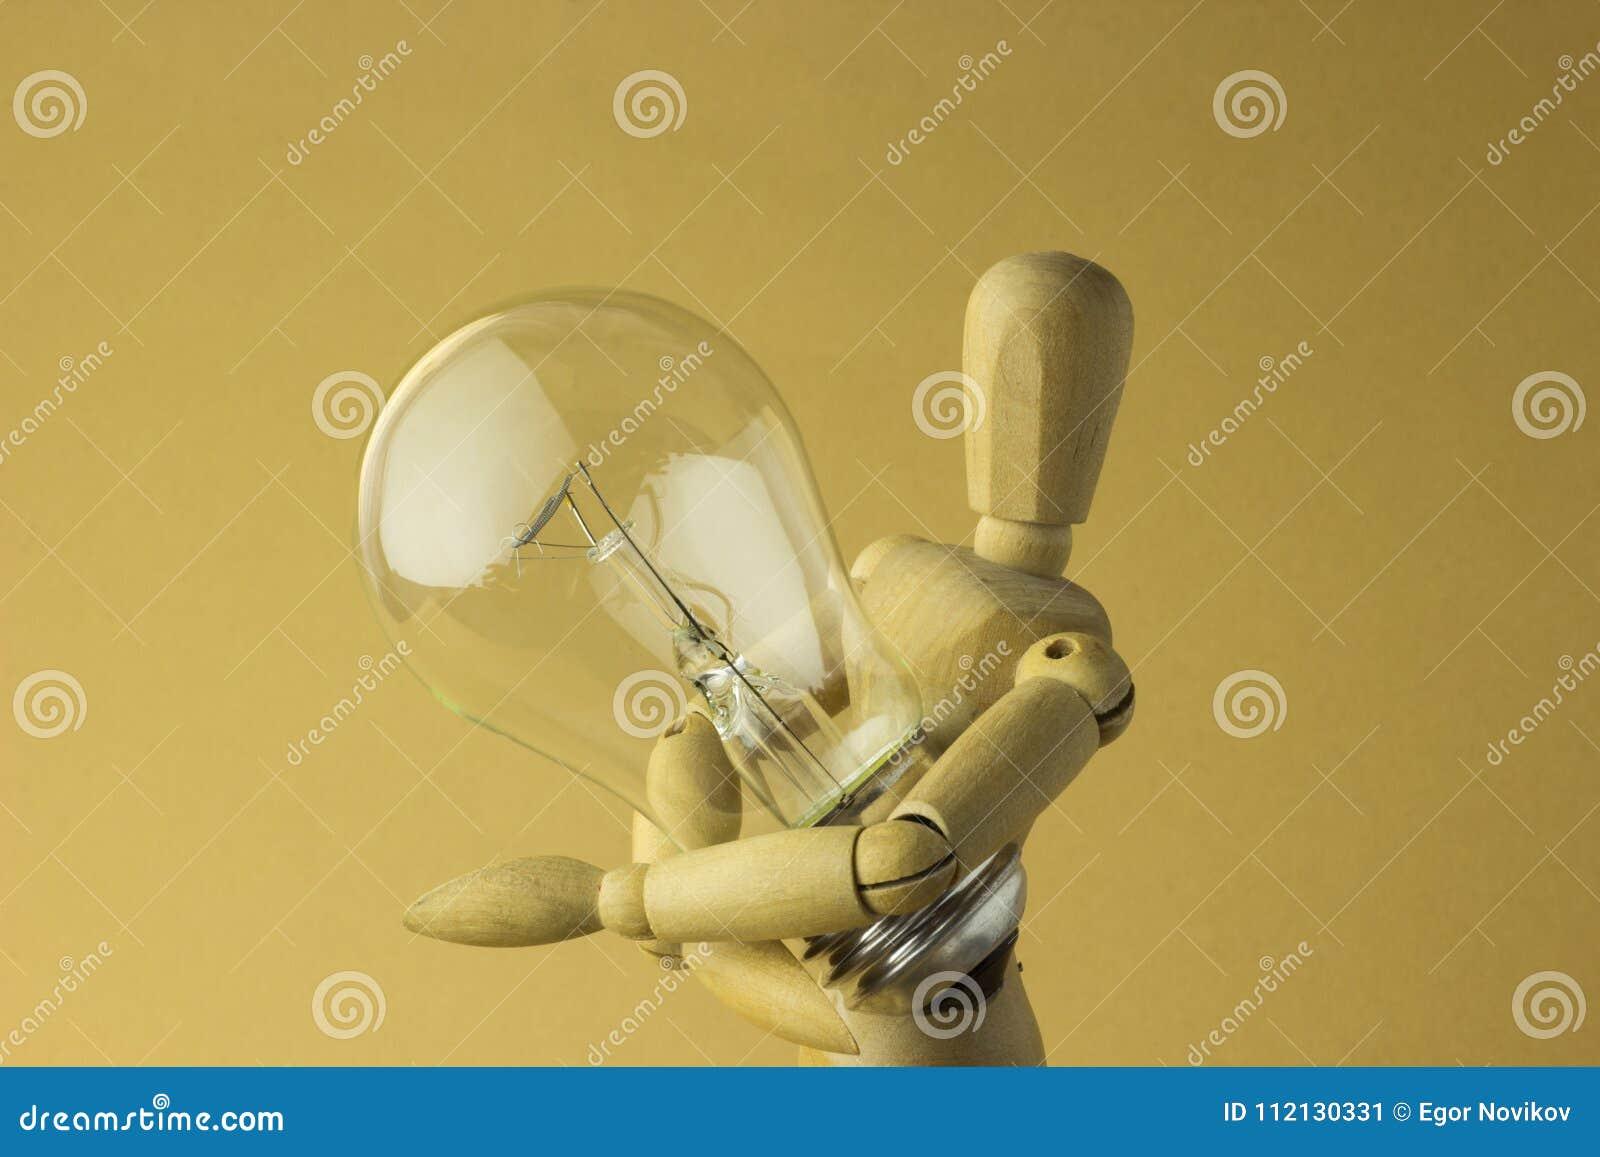 La personne en bois juge l ampoule électrique disponible